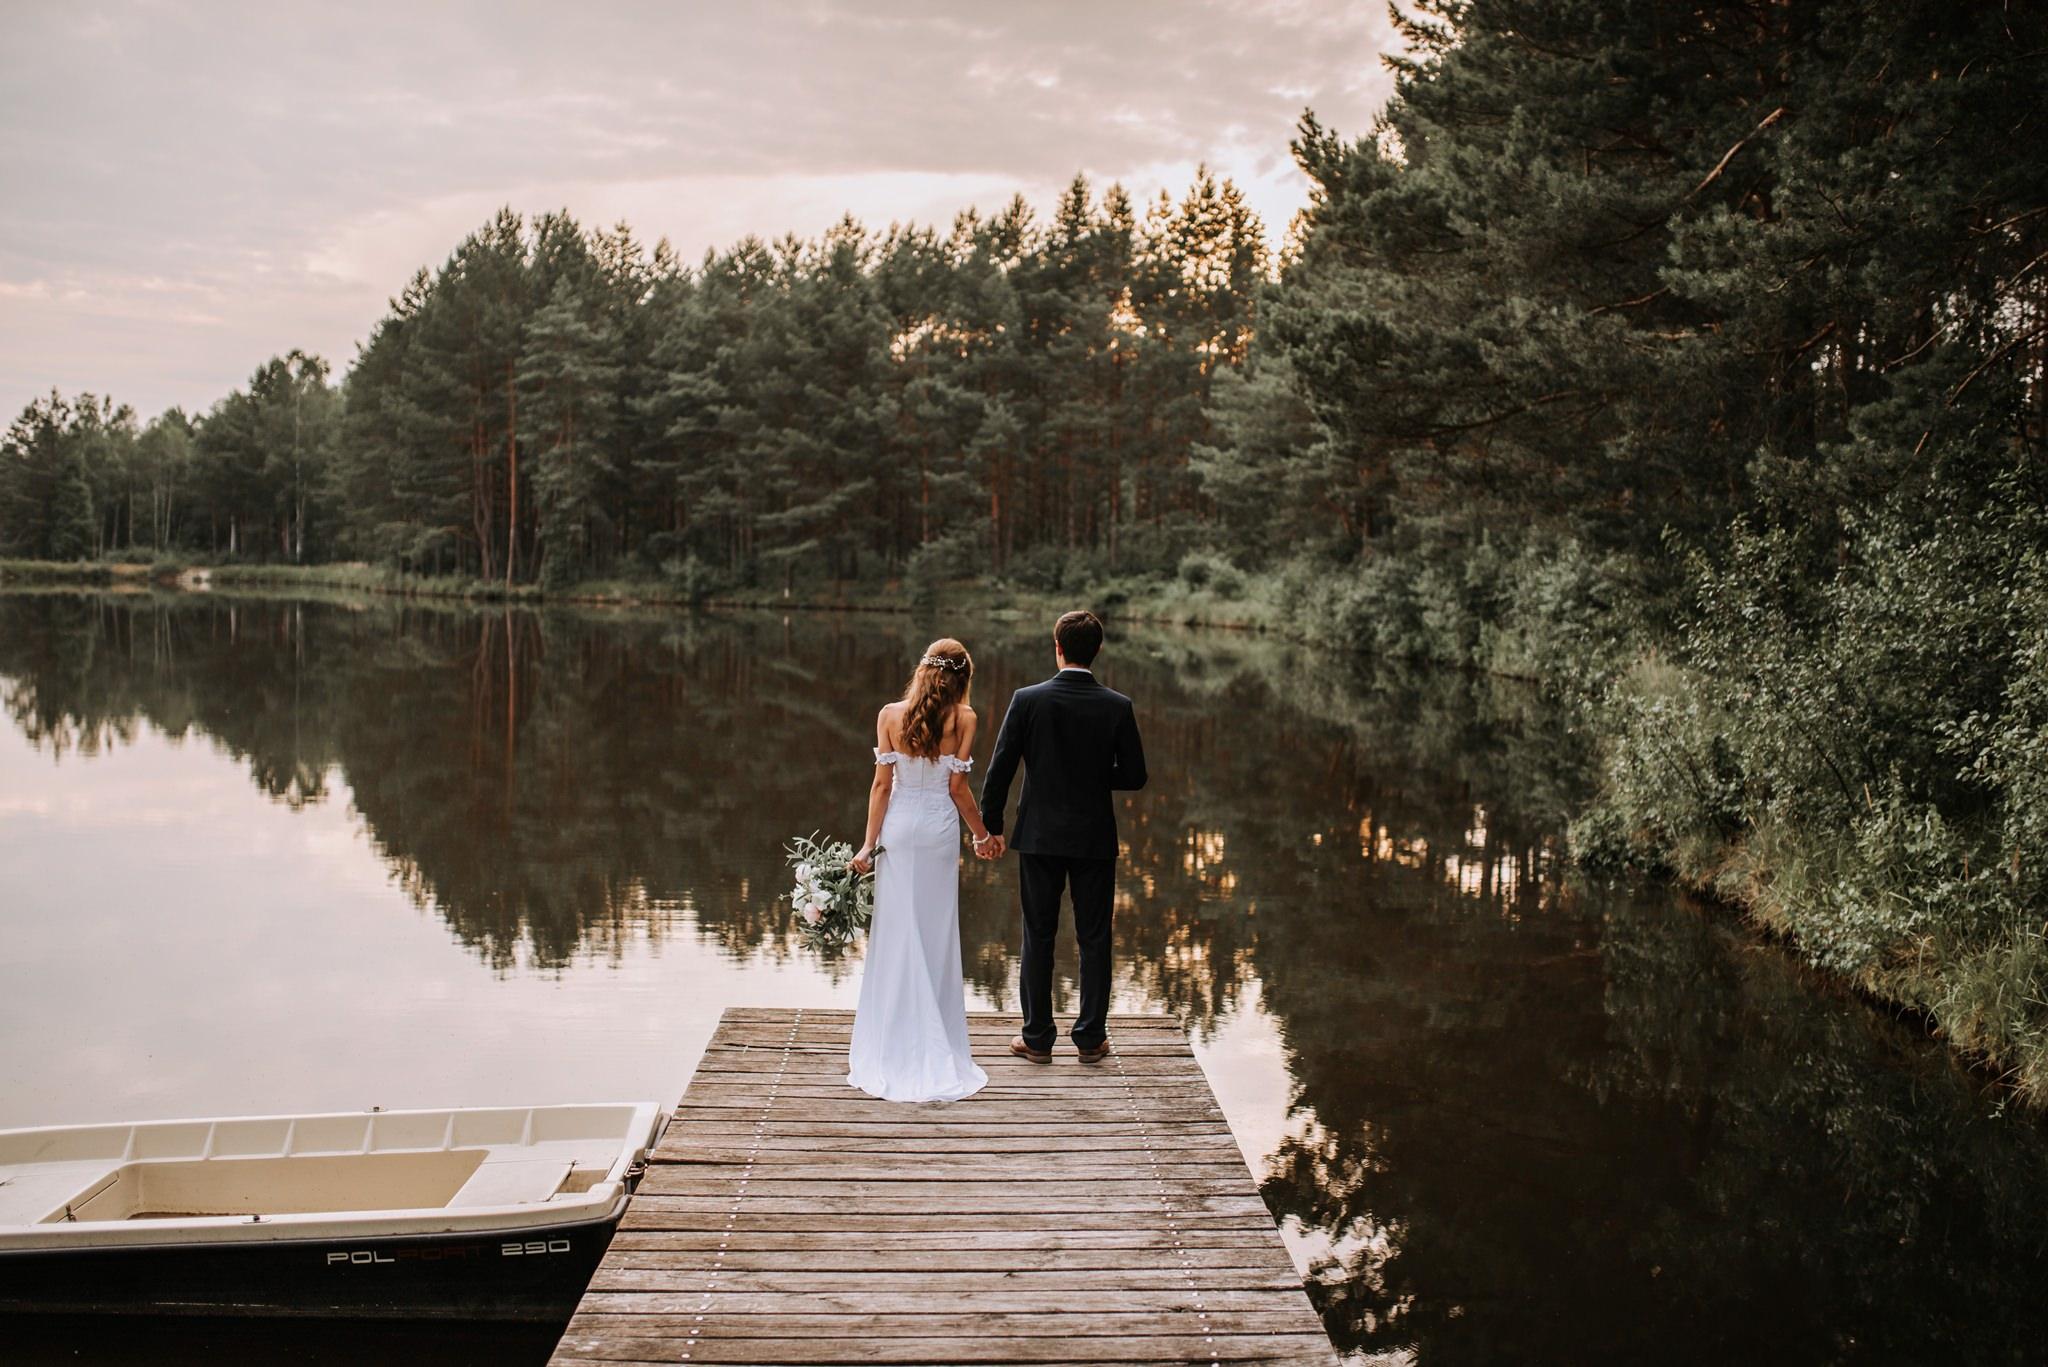 sesja ślubna para młoda jezioro molo kielce fotograf kielce magia